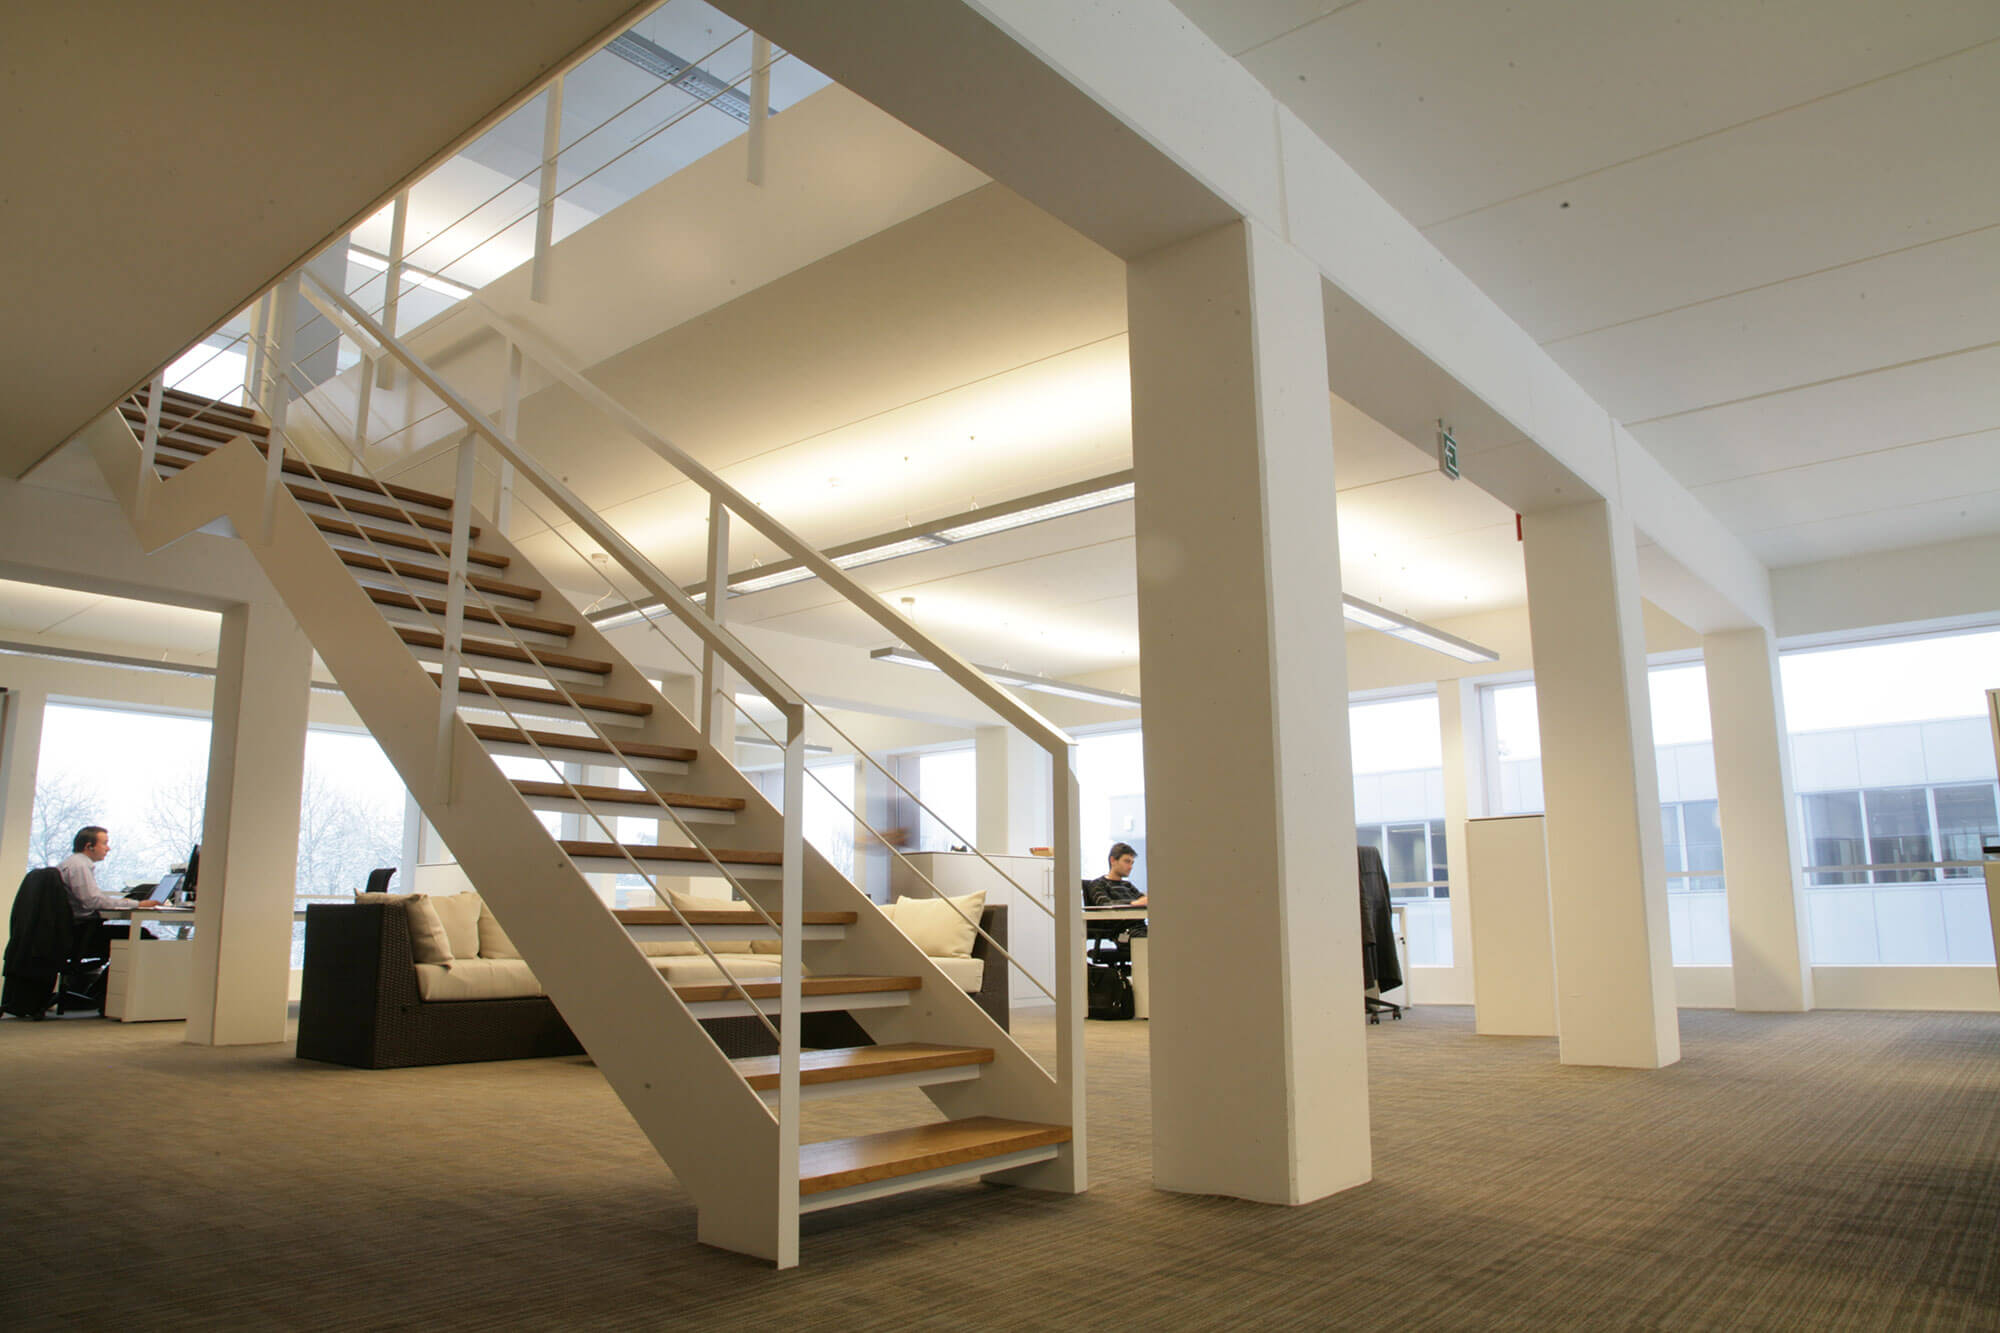 Detailbeeld van de open trapstructuur in het kantoorgebouw.